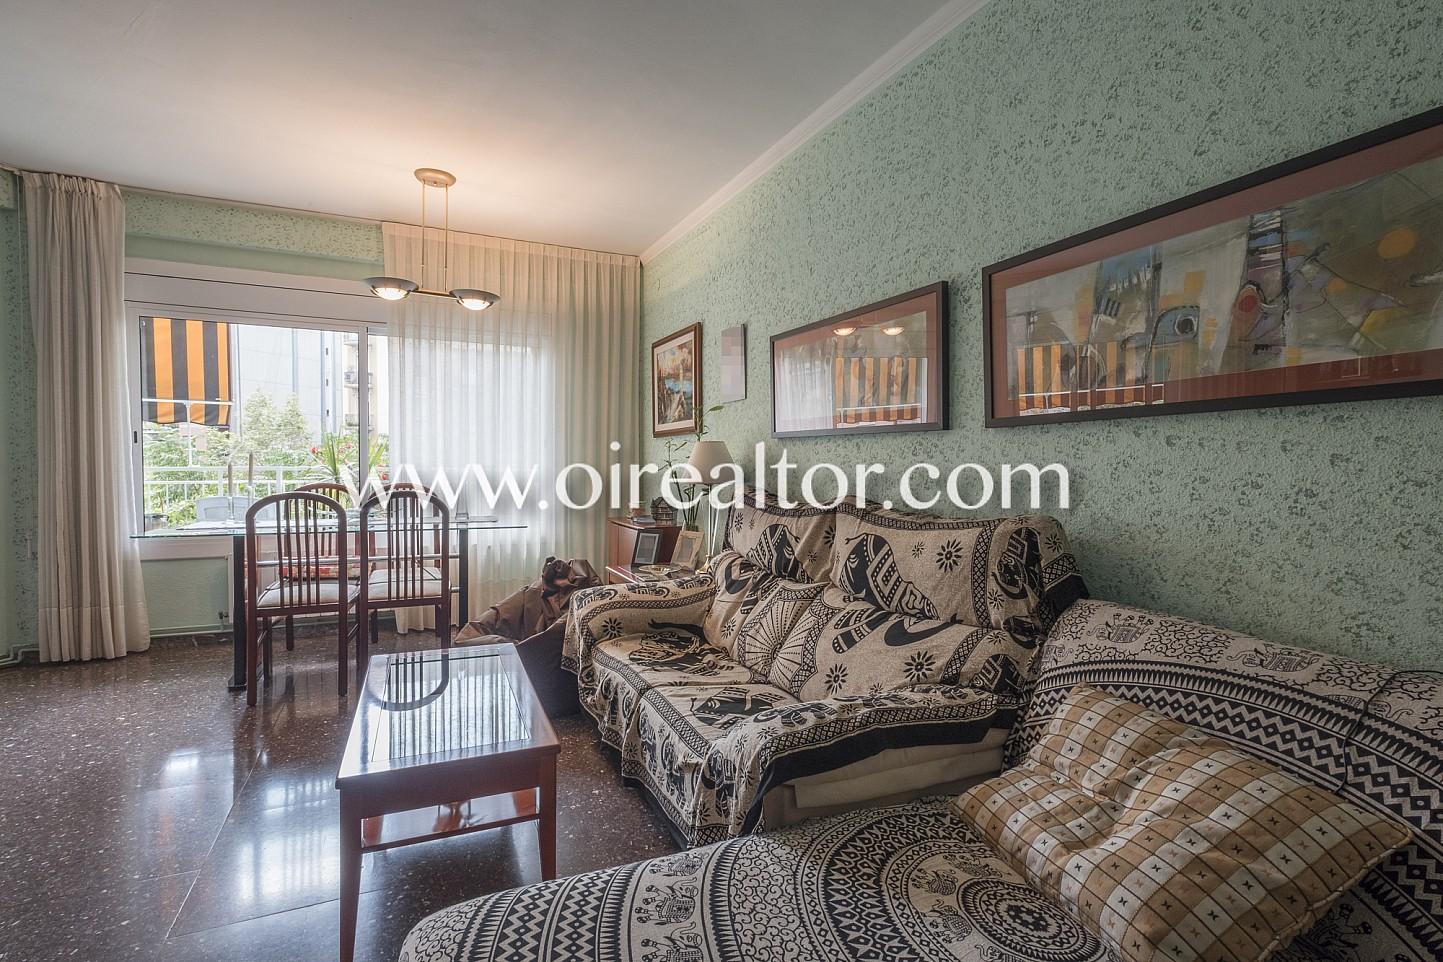 Amplio piso con balc n exterior en sagrada familia for Piso sagrada familia malaga